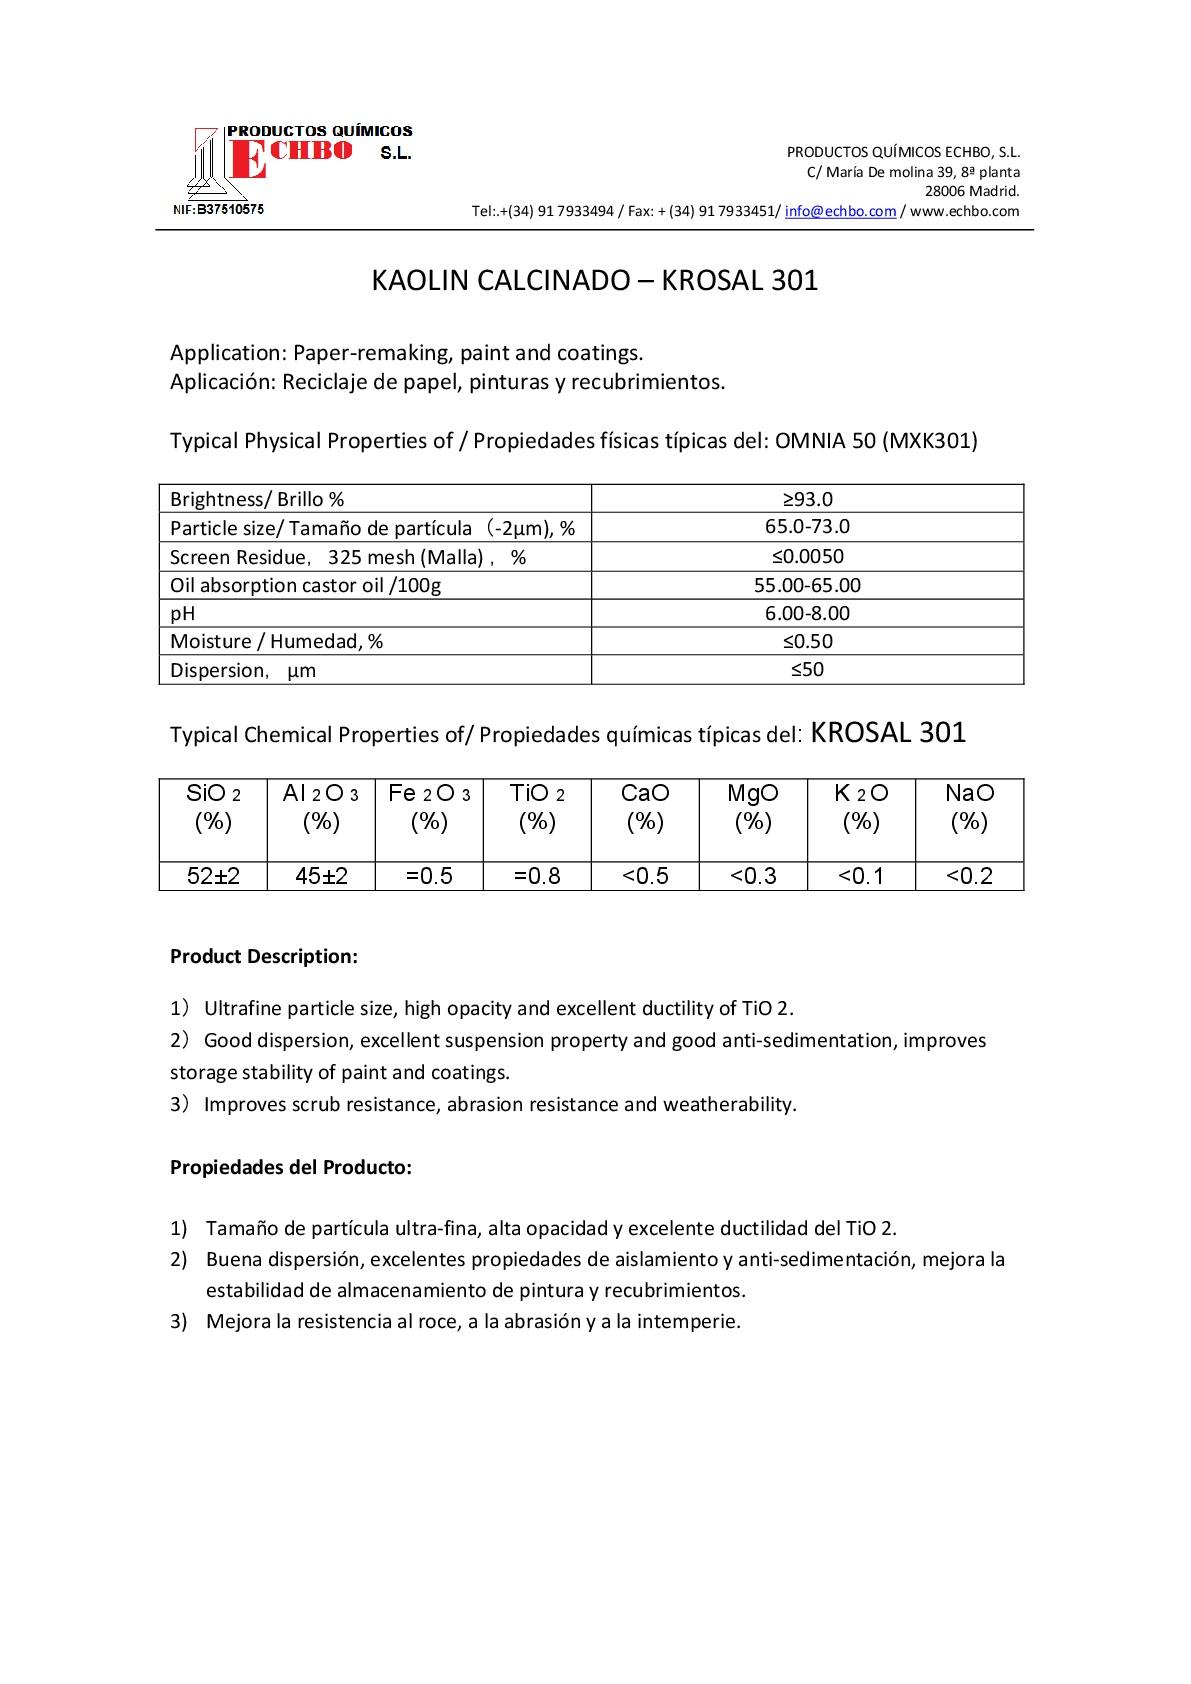 MDS KROSAL 301